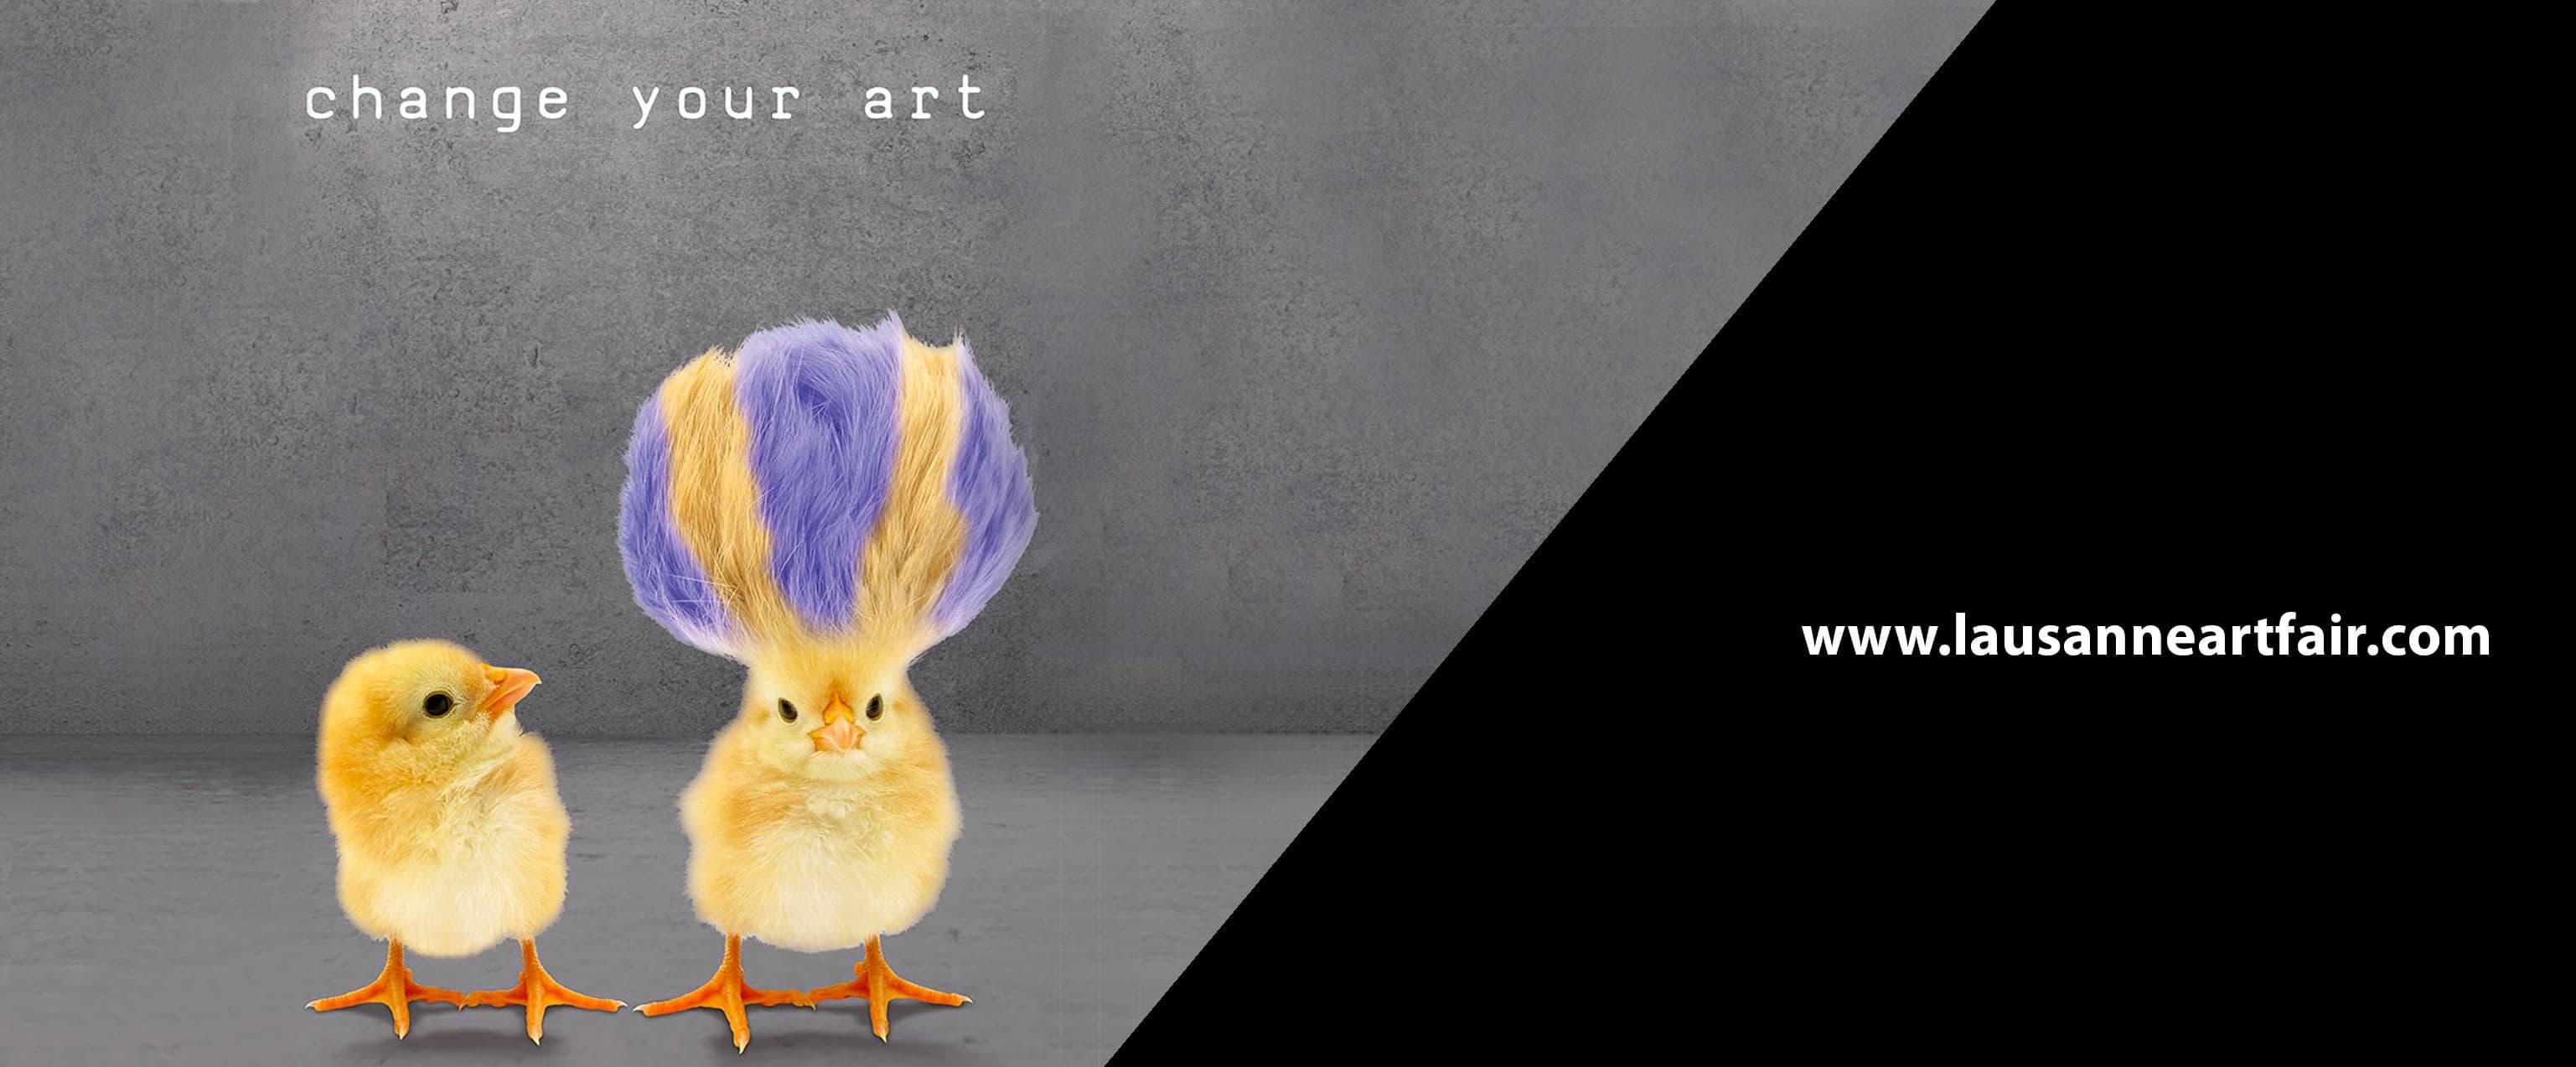 Lausanne Art Fair 2020 Galerie Don Carli